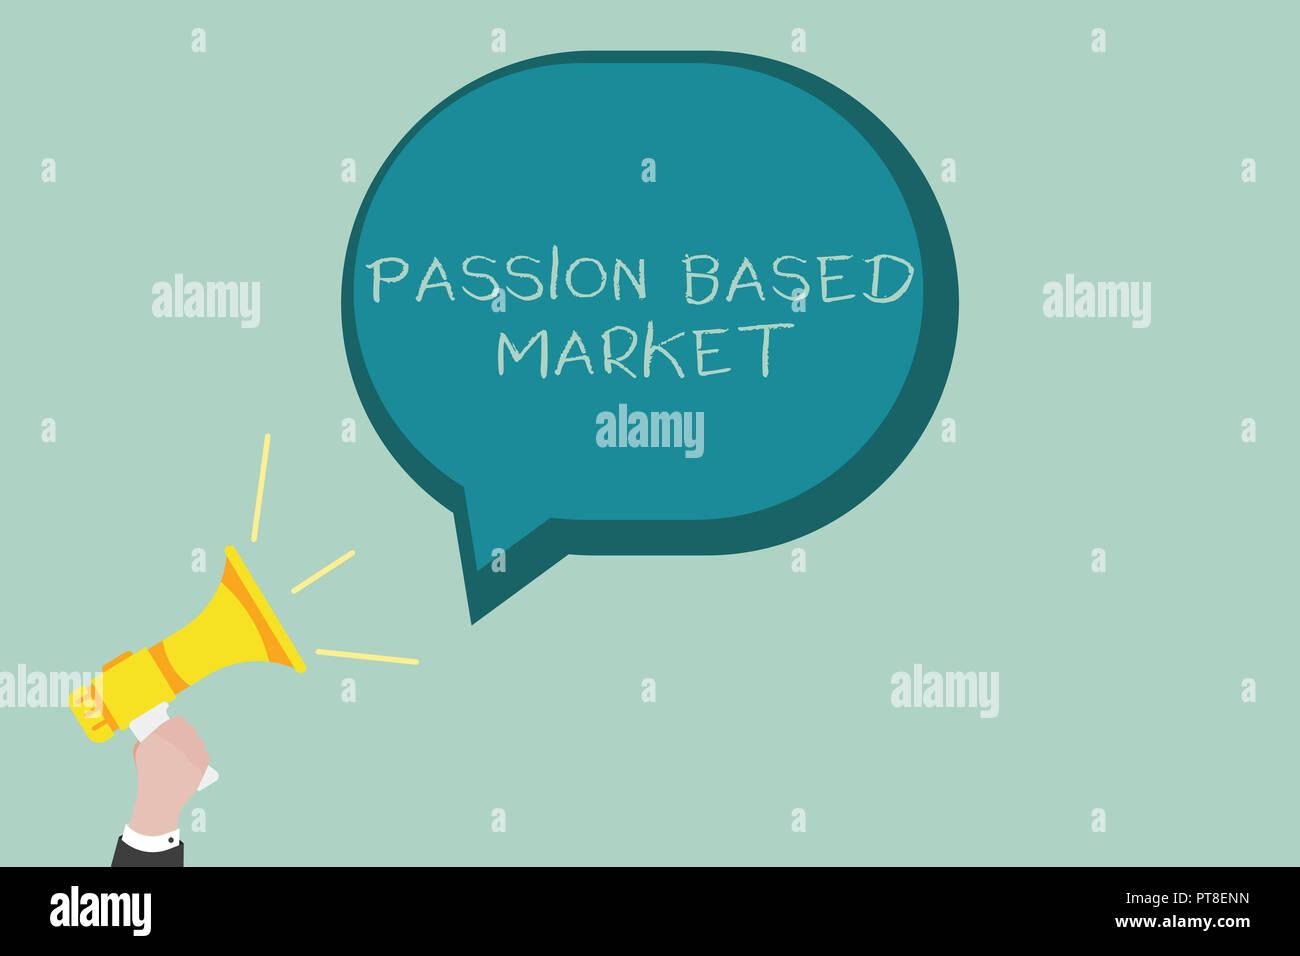 bc24c1105a6 Escritura de texto de Word de mercado basado en la Pasión. Concepto de  negocio para el canal de ventas emocional de una estrategia centrada en  Personalizar.